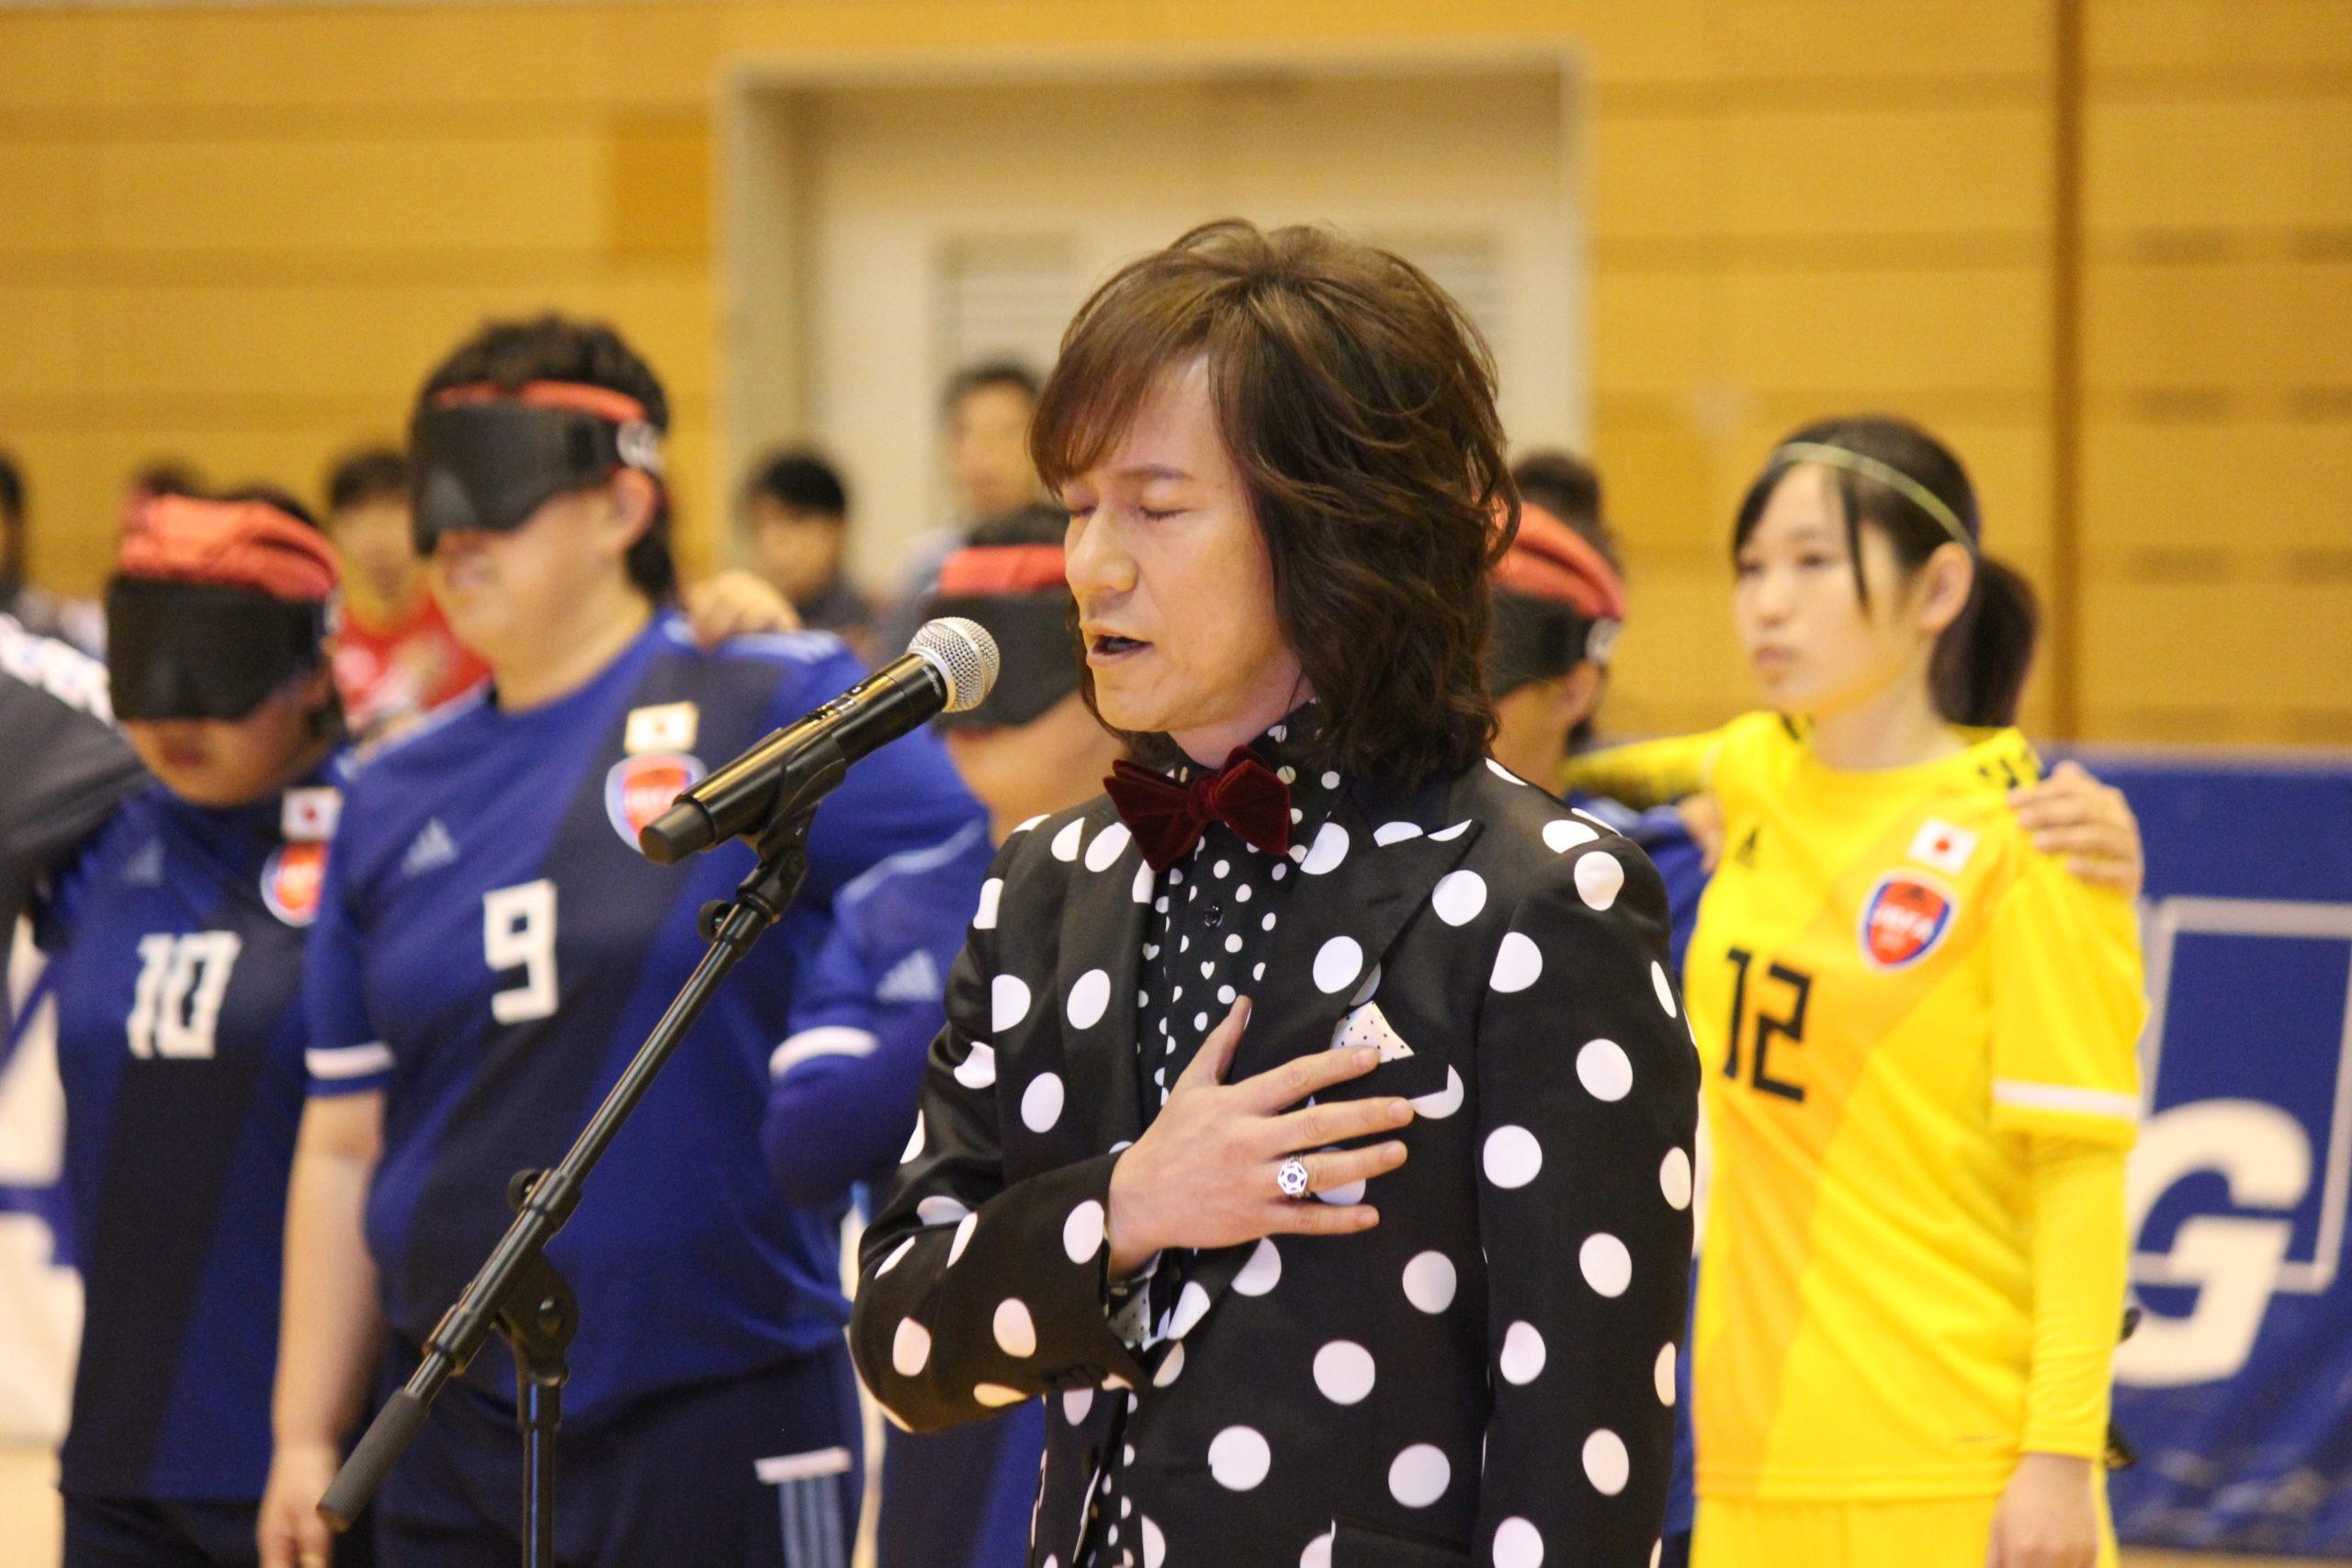 開会式で唄うダイヤモンドユカイの写真